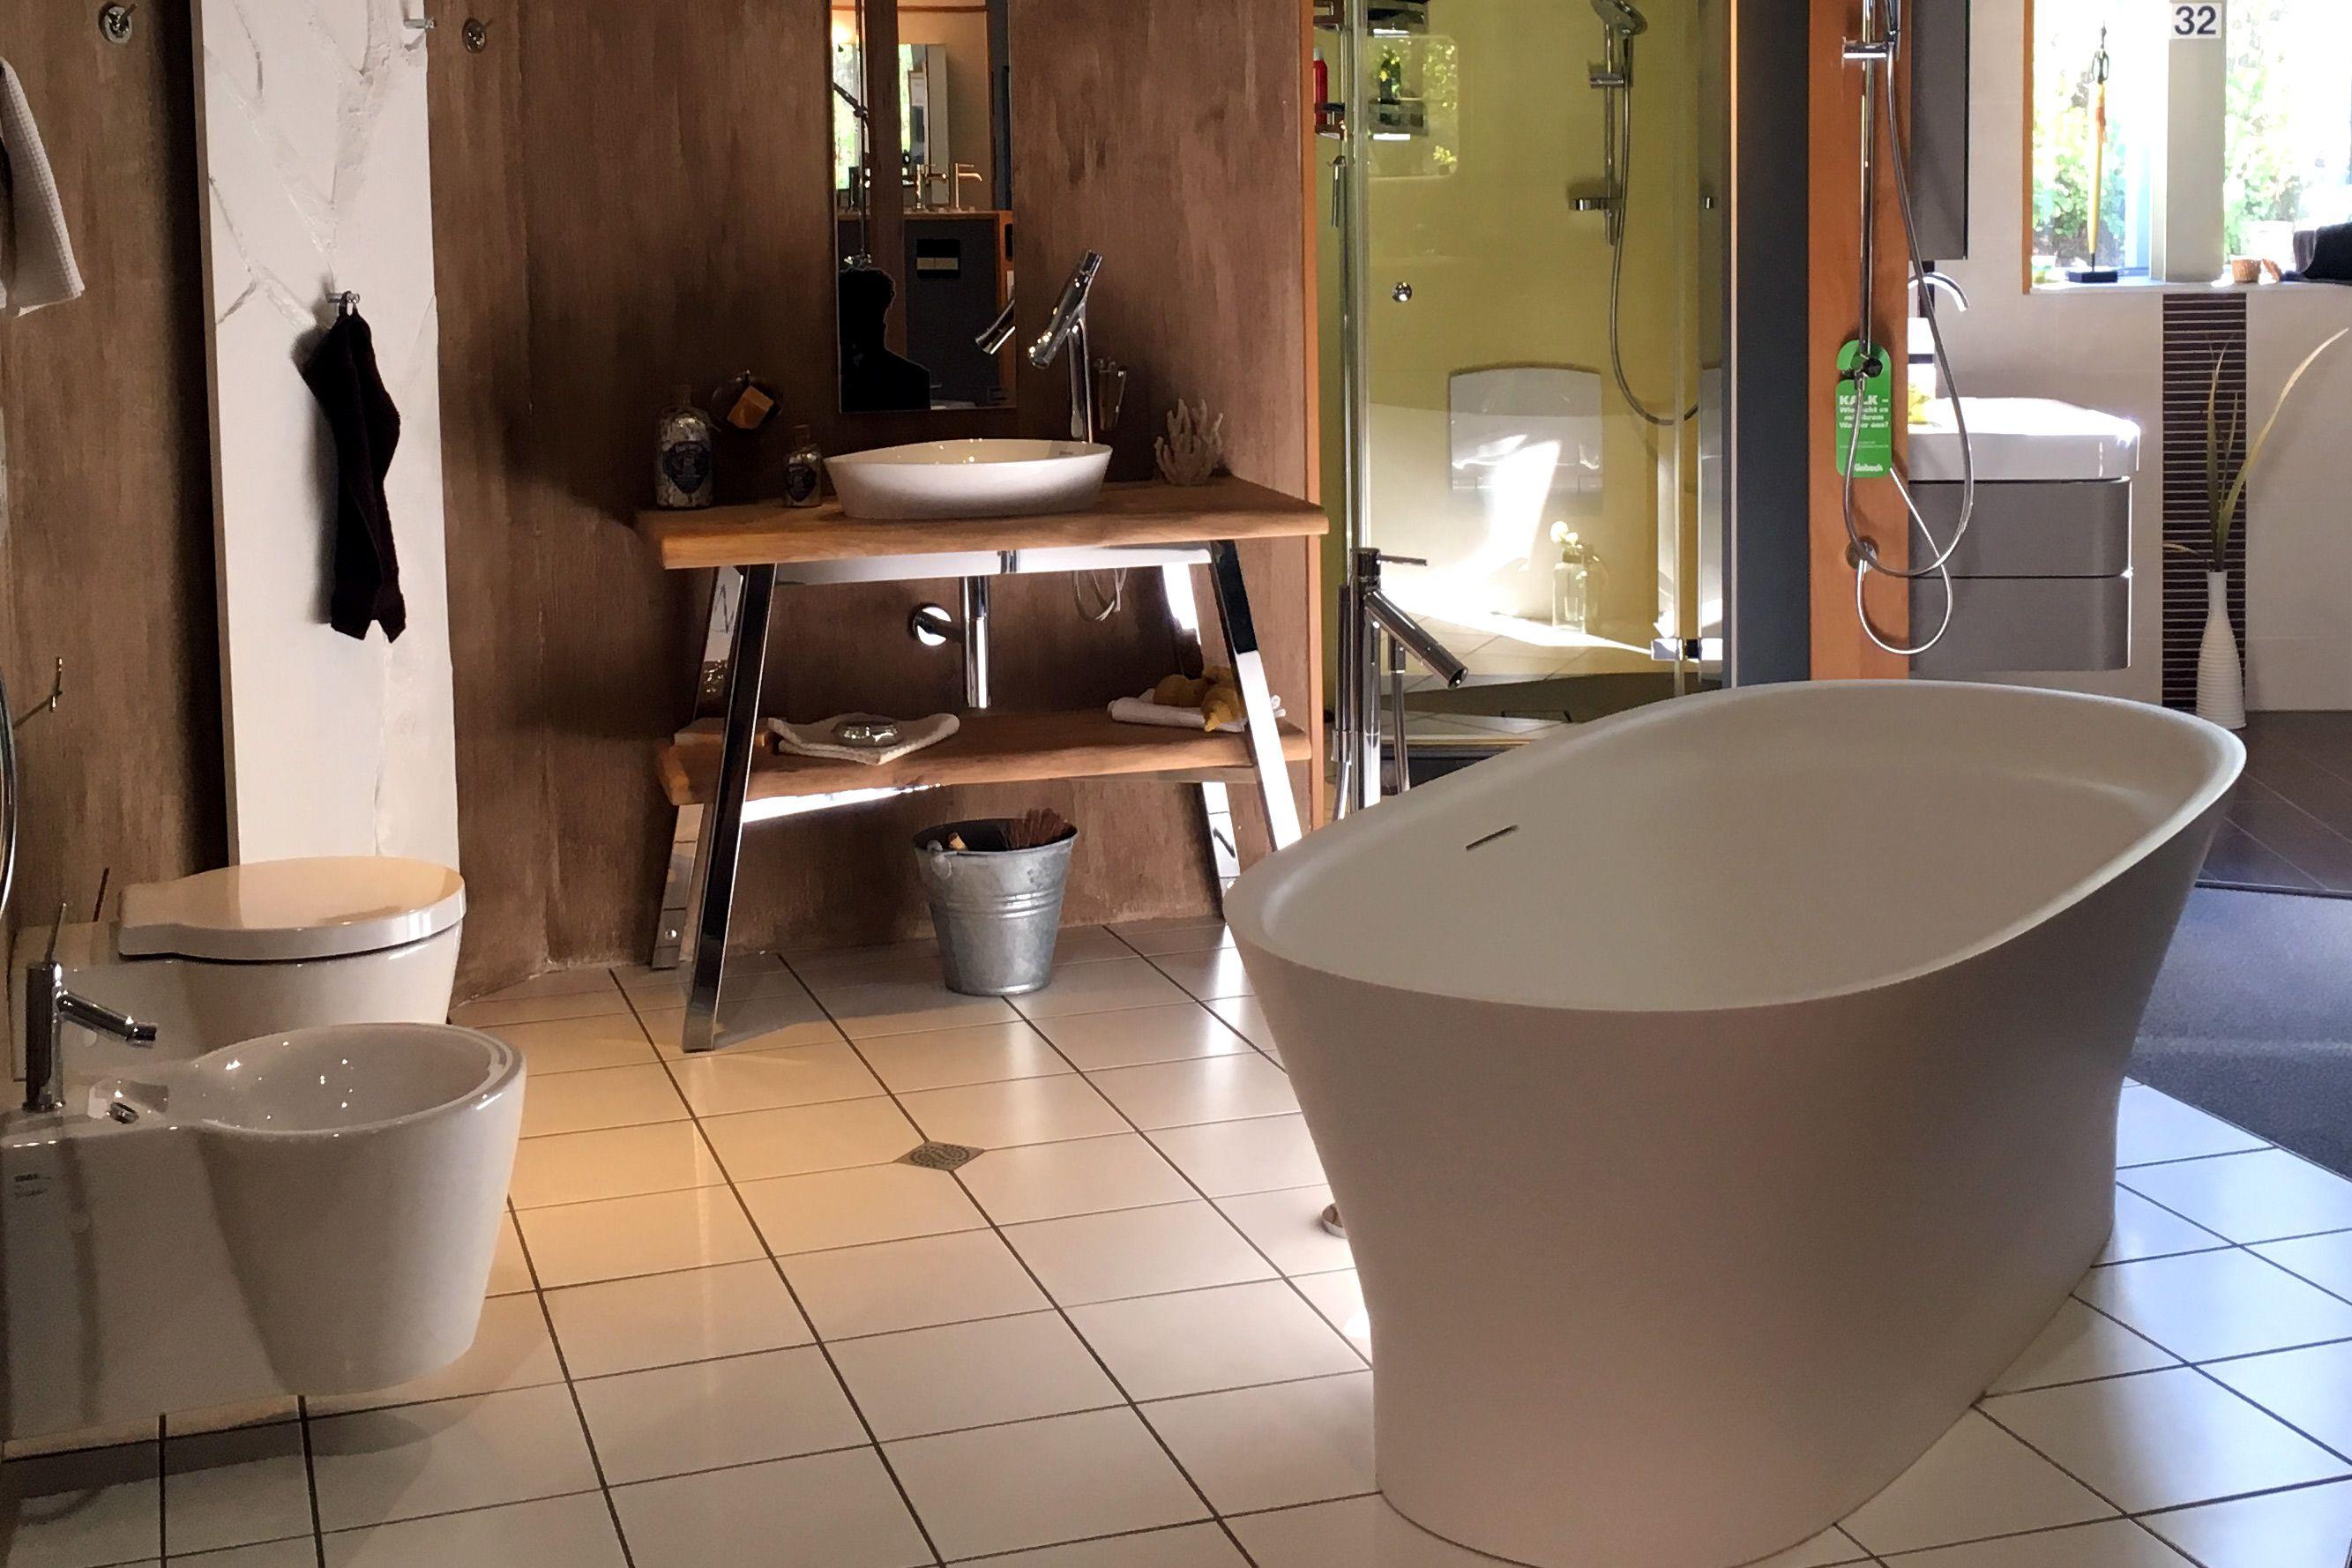 Badezimmer Badgestaltung Inneneinrichtung Waren Hausbau Renovieren Wesemeyer Badgestaltung Neues Bad Badezimmer